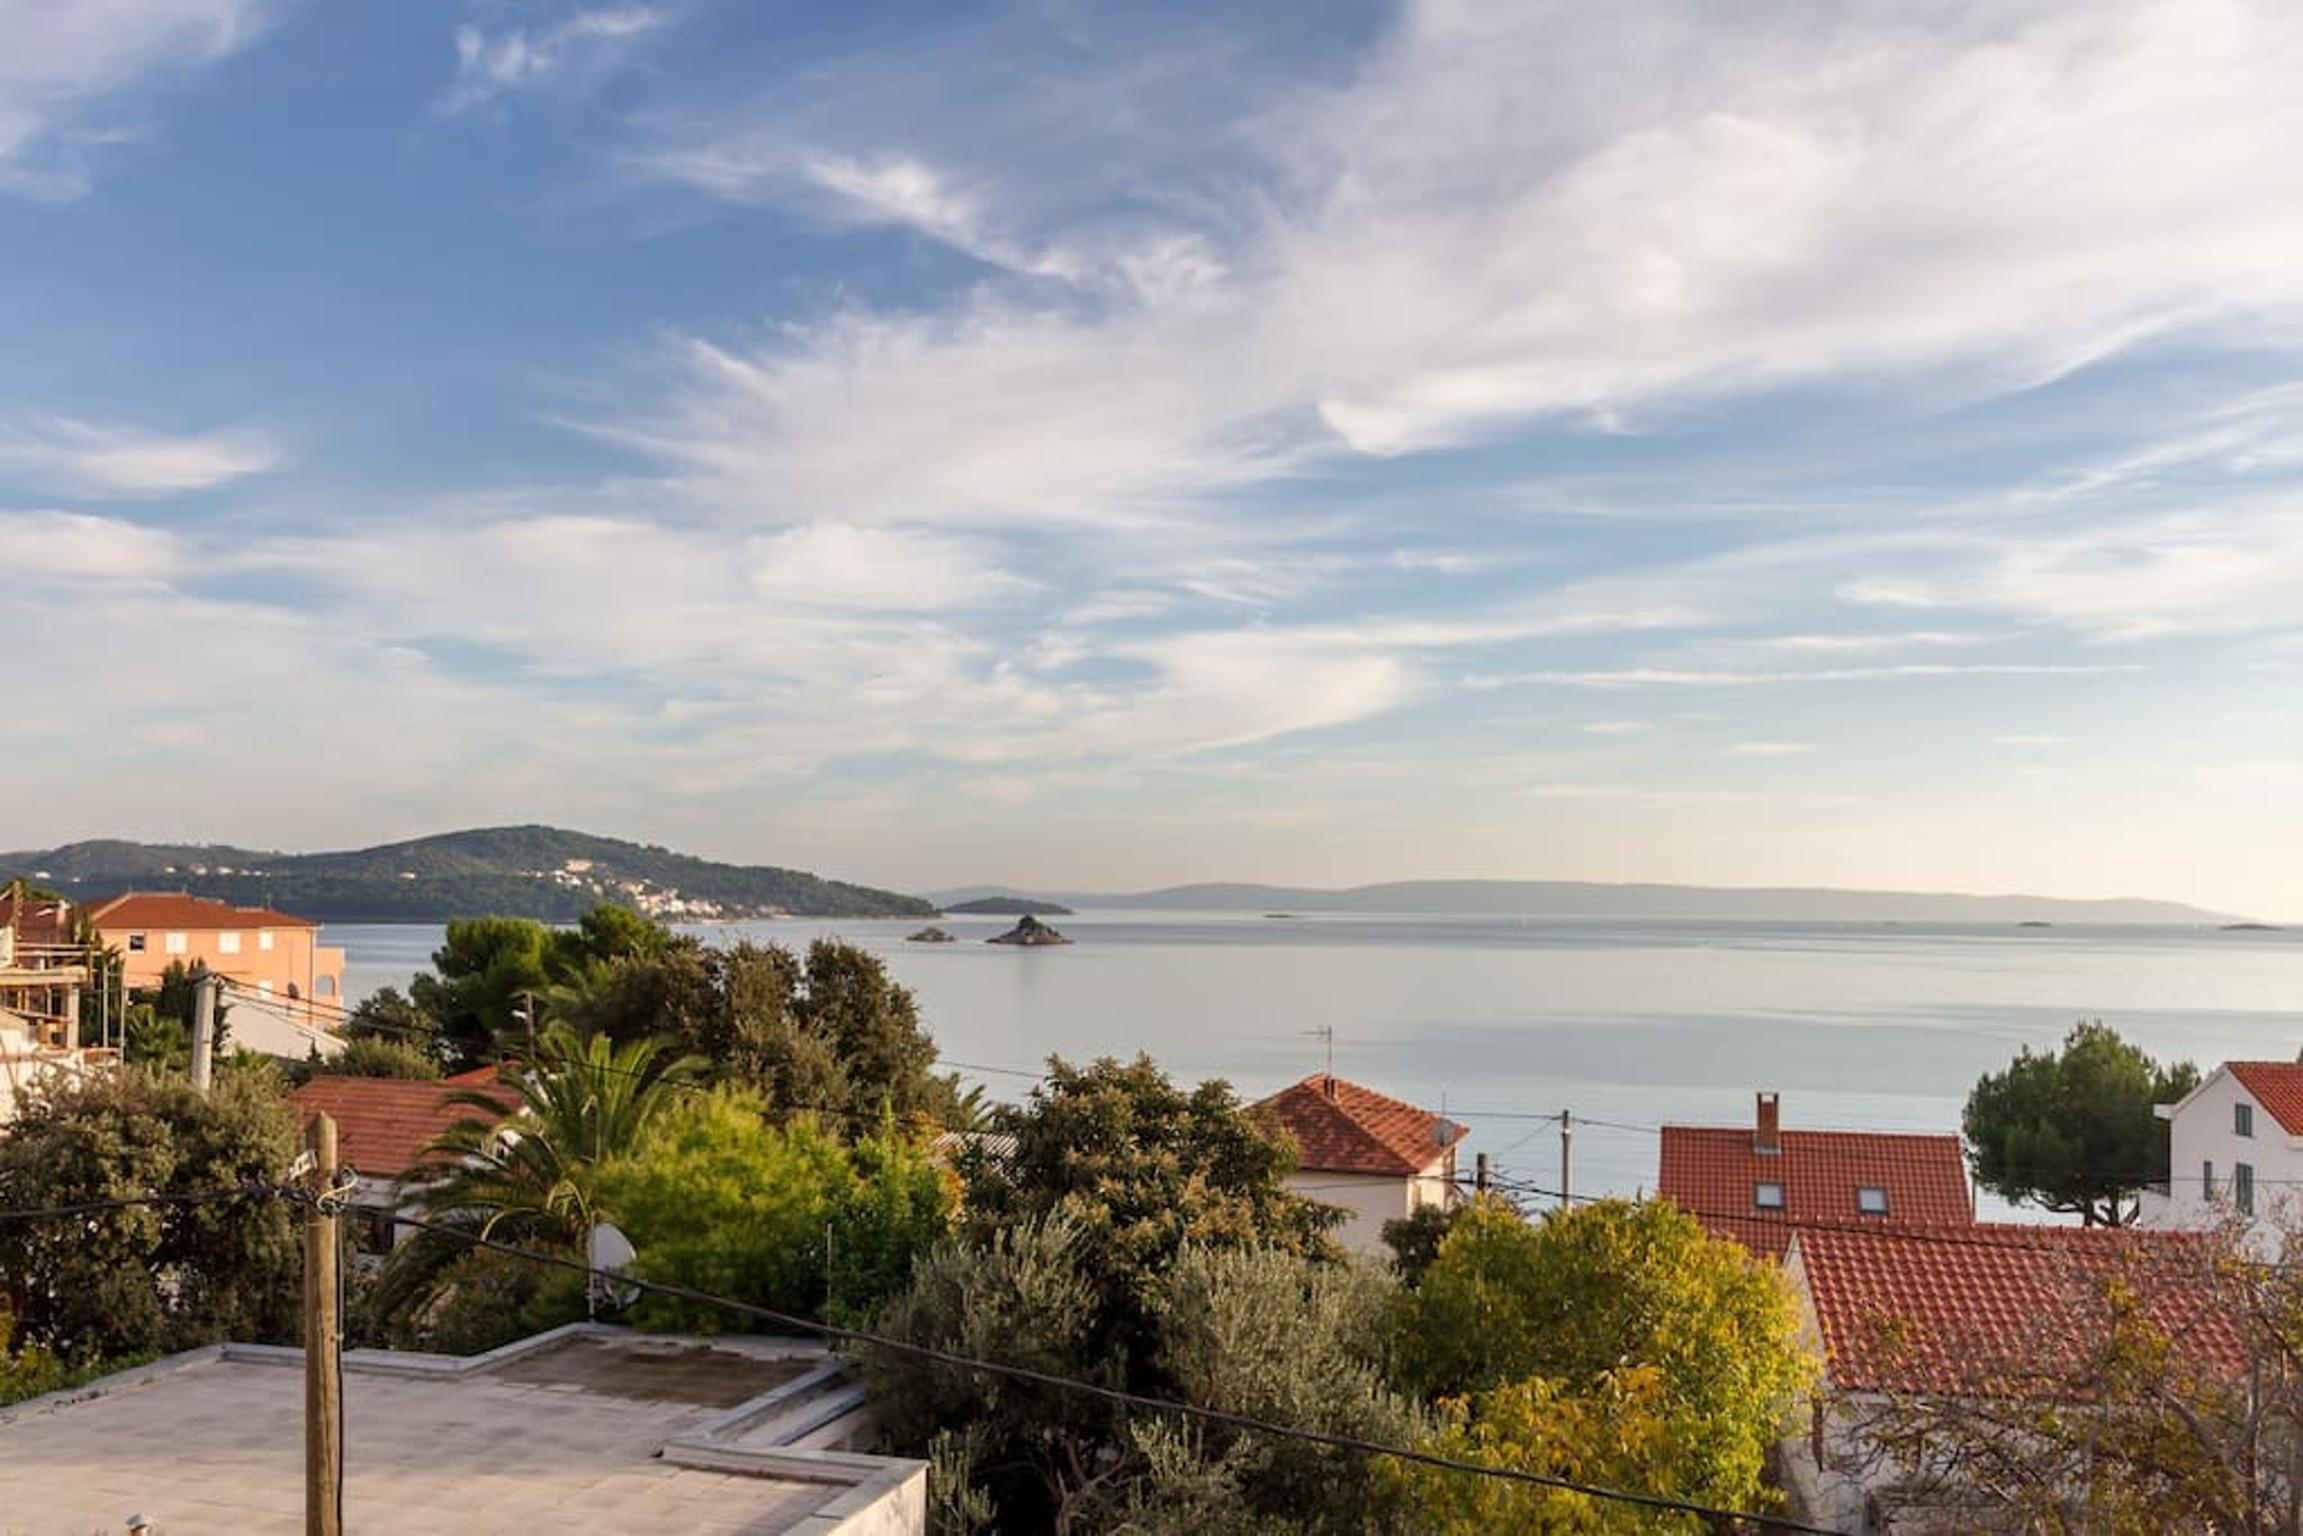 Ferienwohnung Wohnung mit 3 Zimmern in Seget Vranjica mit herrlichem Meerblick und eingezäuntem Garten - (2339638), Seget Donji, , Dalmatien, Kroatien, Bild 10